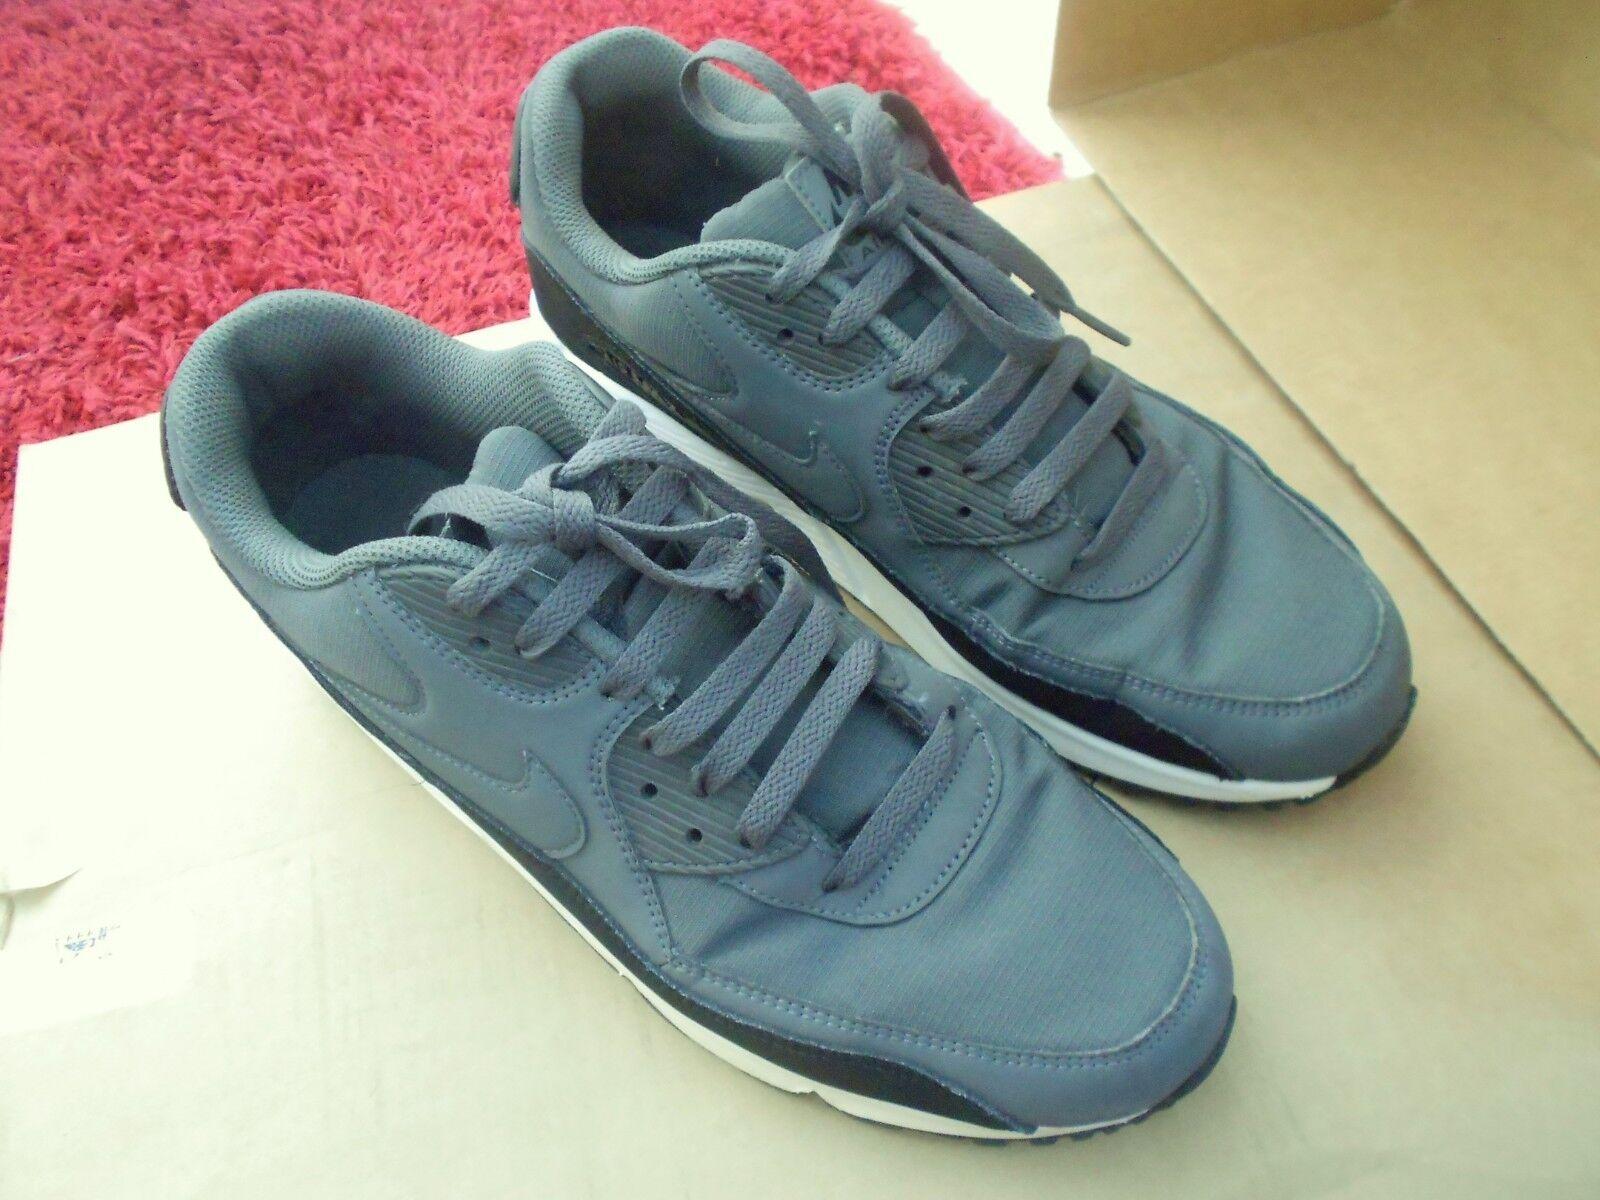 Nike Air  Max 90 Essential Corriendo Zapatillas tamaño de Reino Unido - 10 en buenas condiciones  marca en liquidación de venta